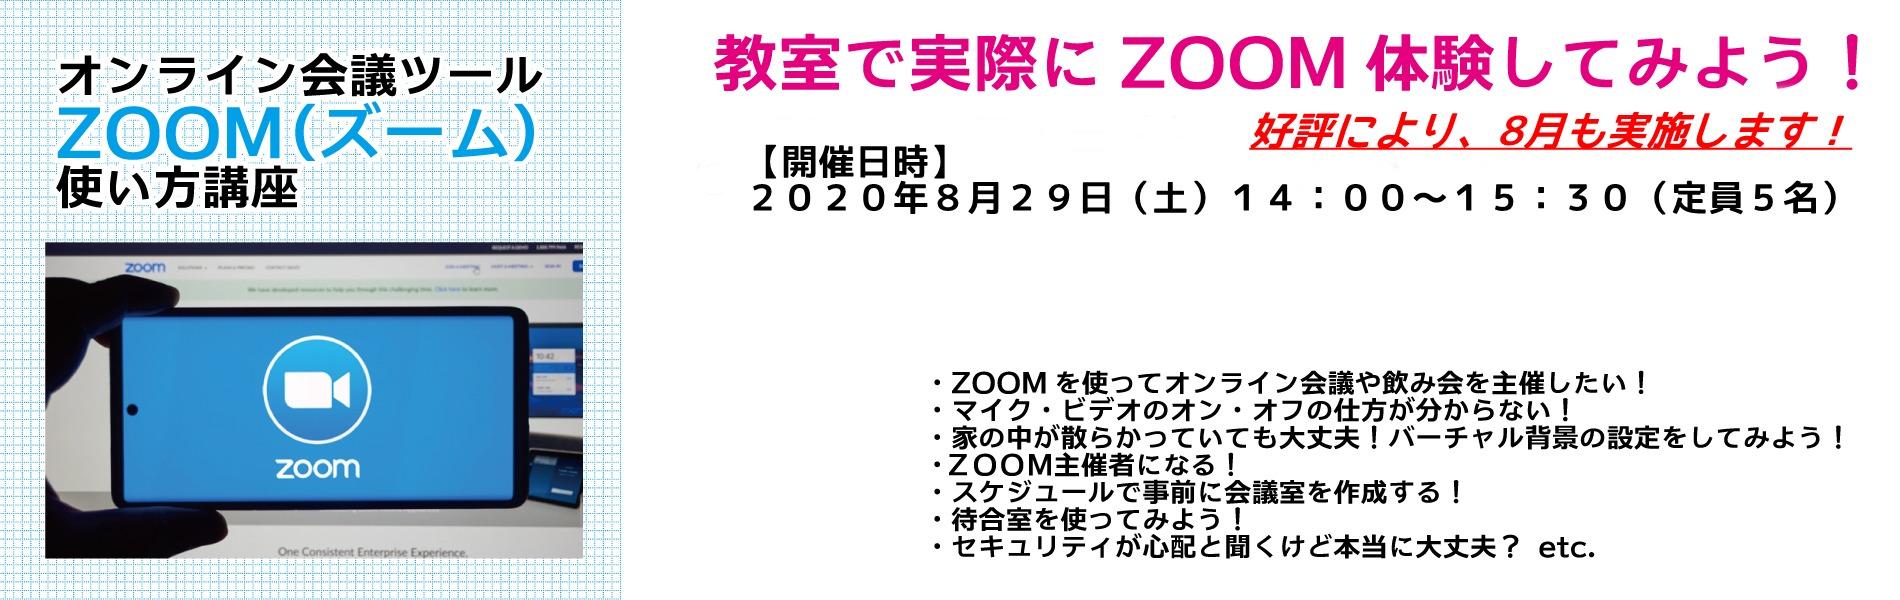 Zoom使い方講座